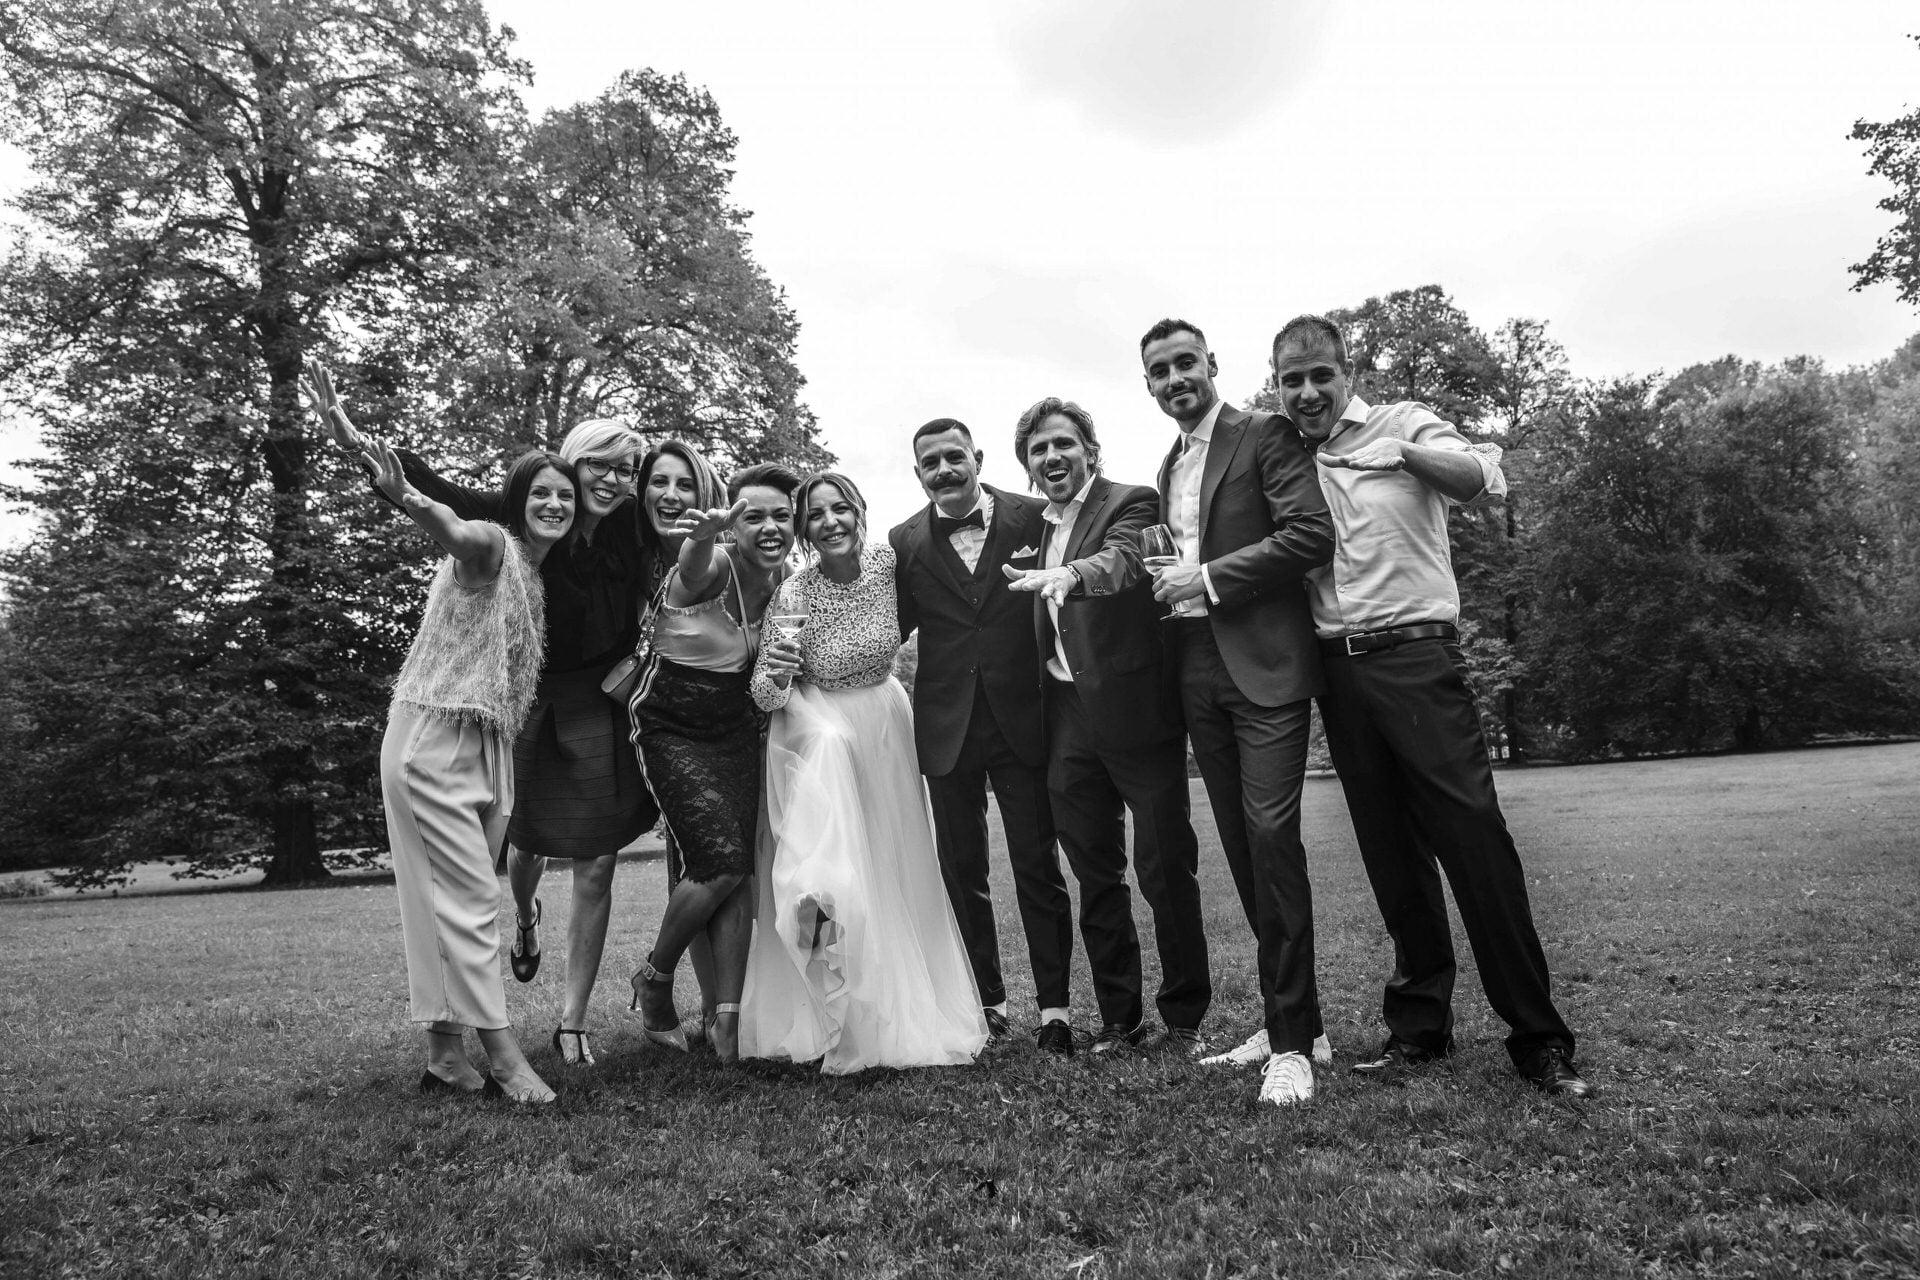 foto di gruppo amici matrimonio villa brandolini vistorta pordenone